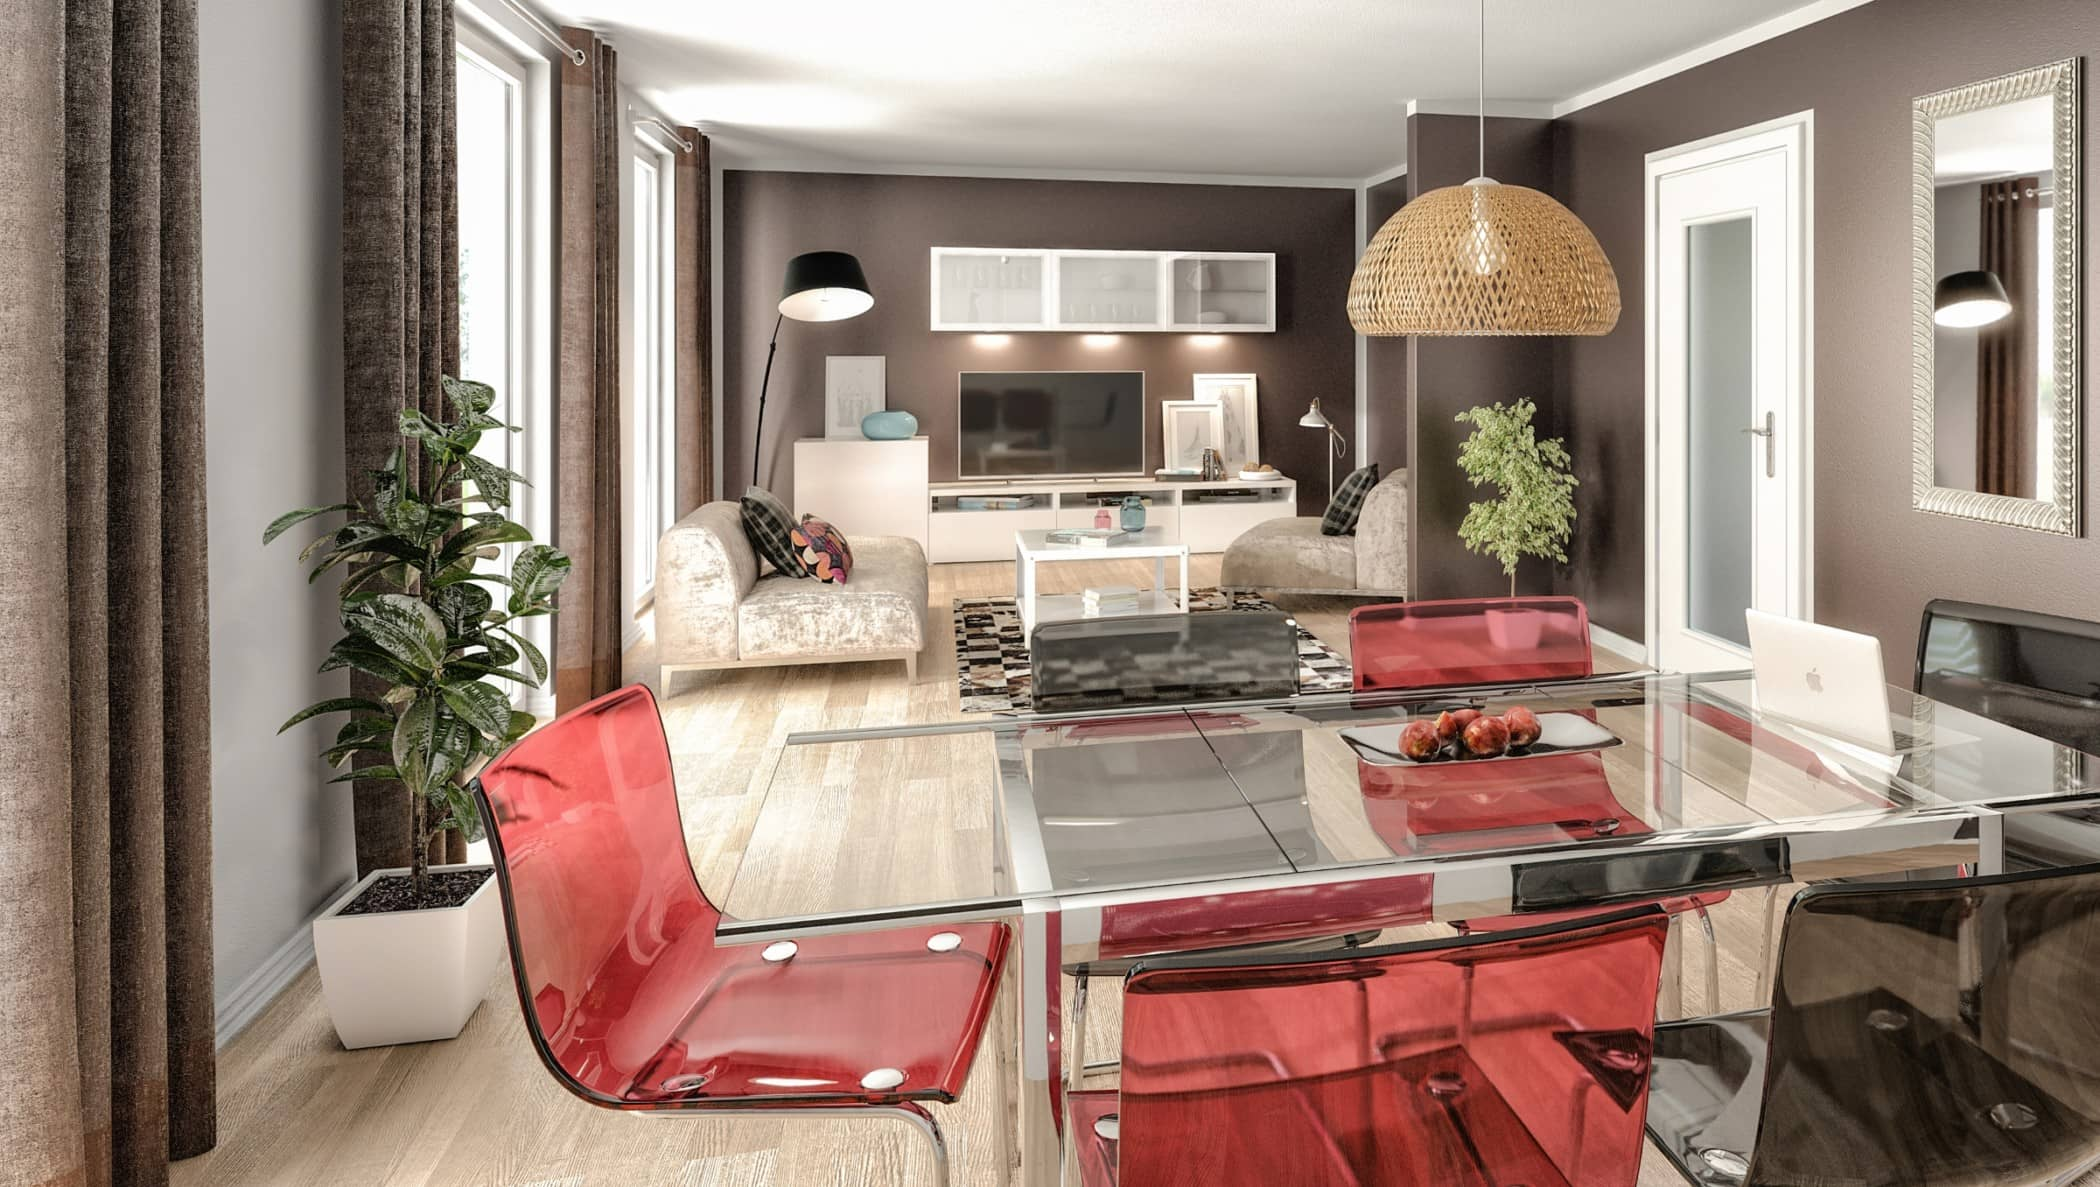 Wohnzimmer mit Essbereich - Ideen Einrichtung Town Country Haus Flair 125 Elegance - HausbauDirekt.de